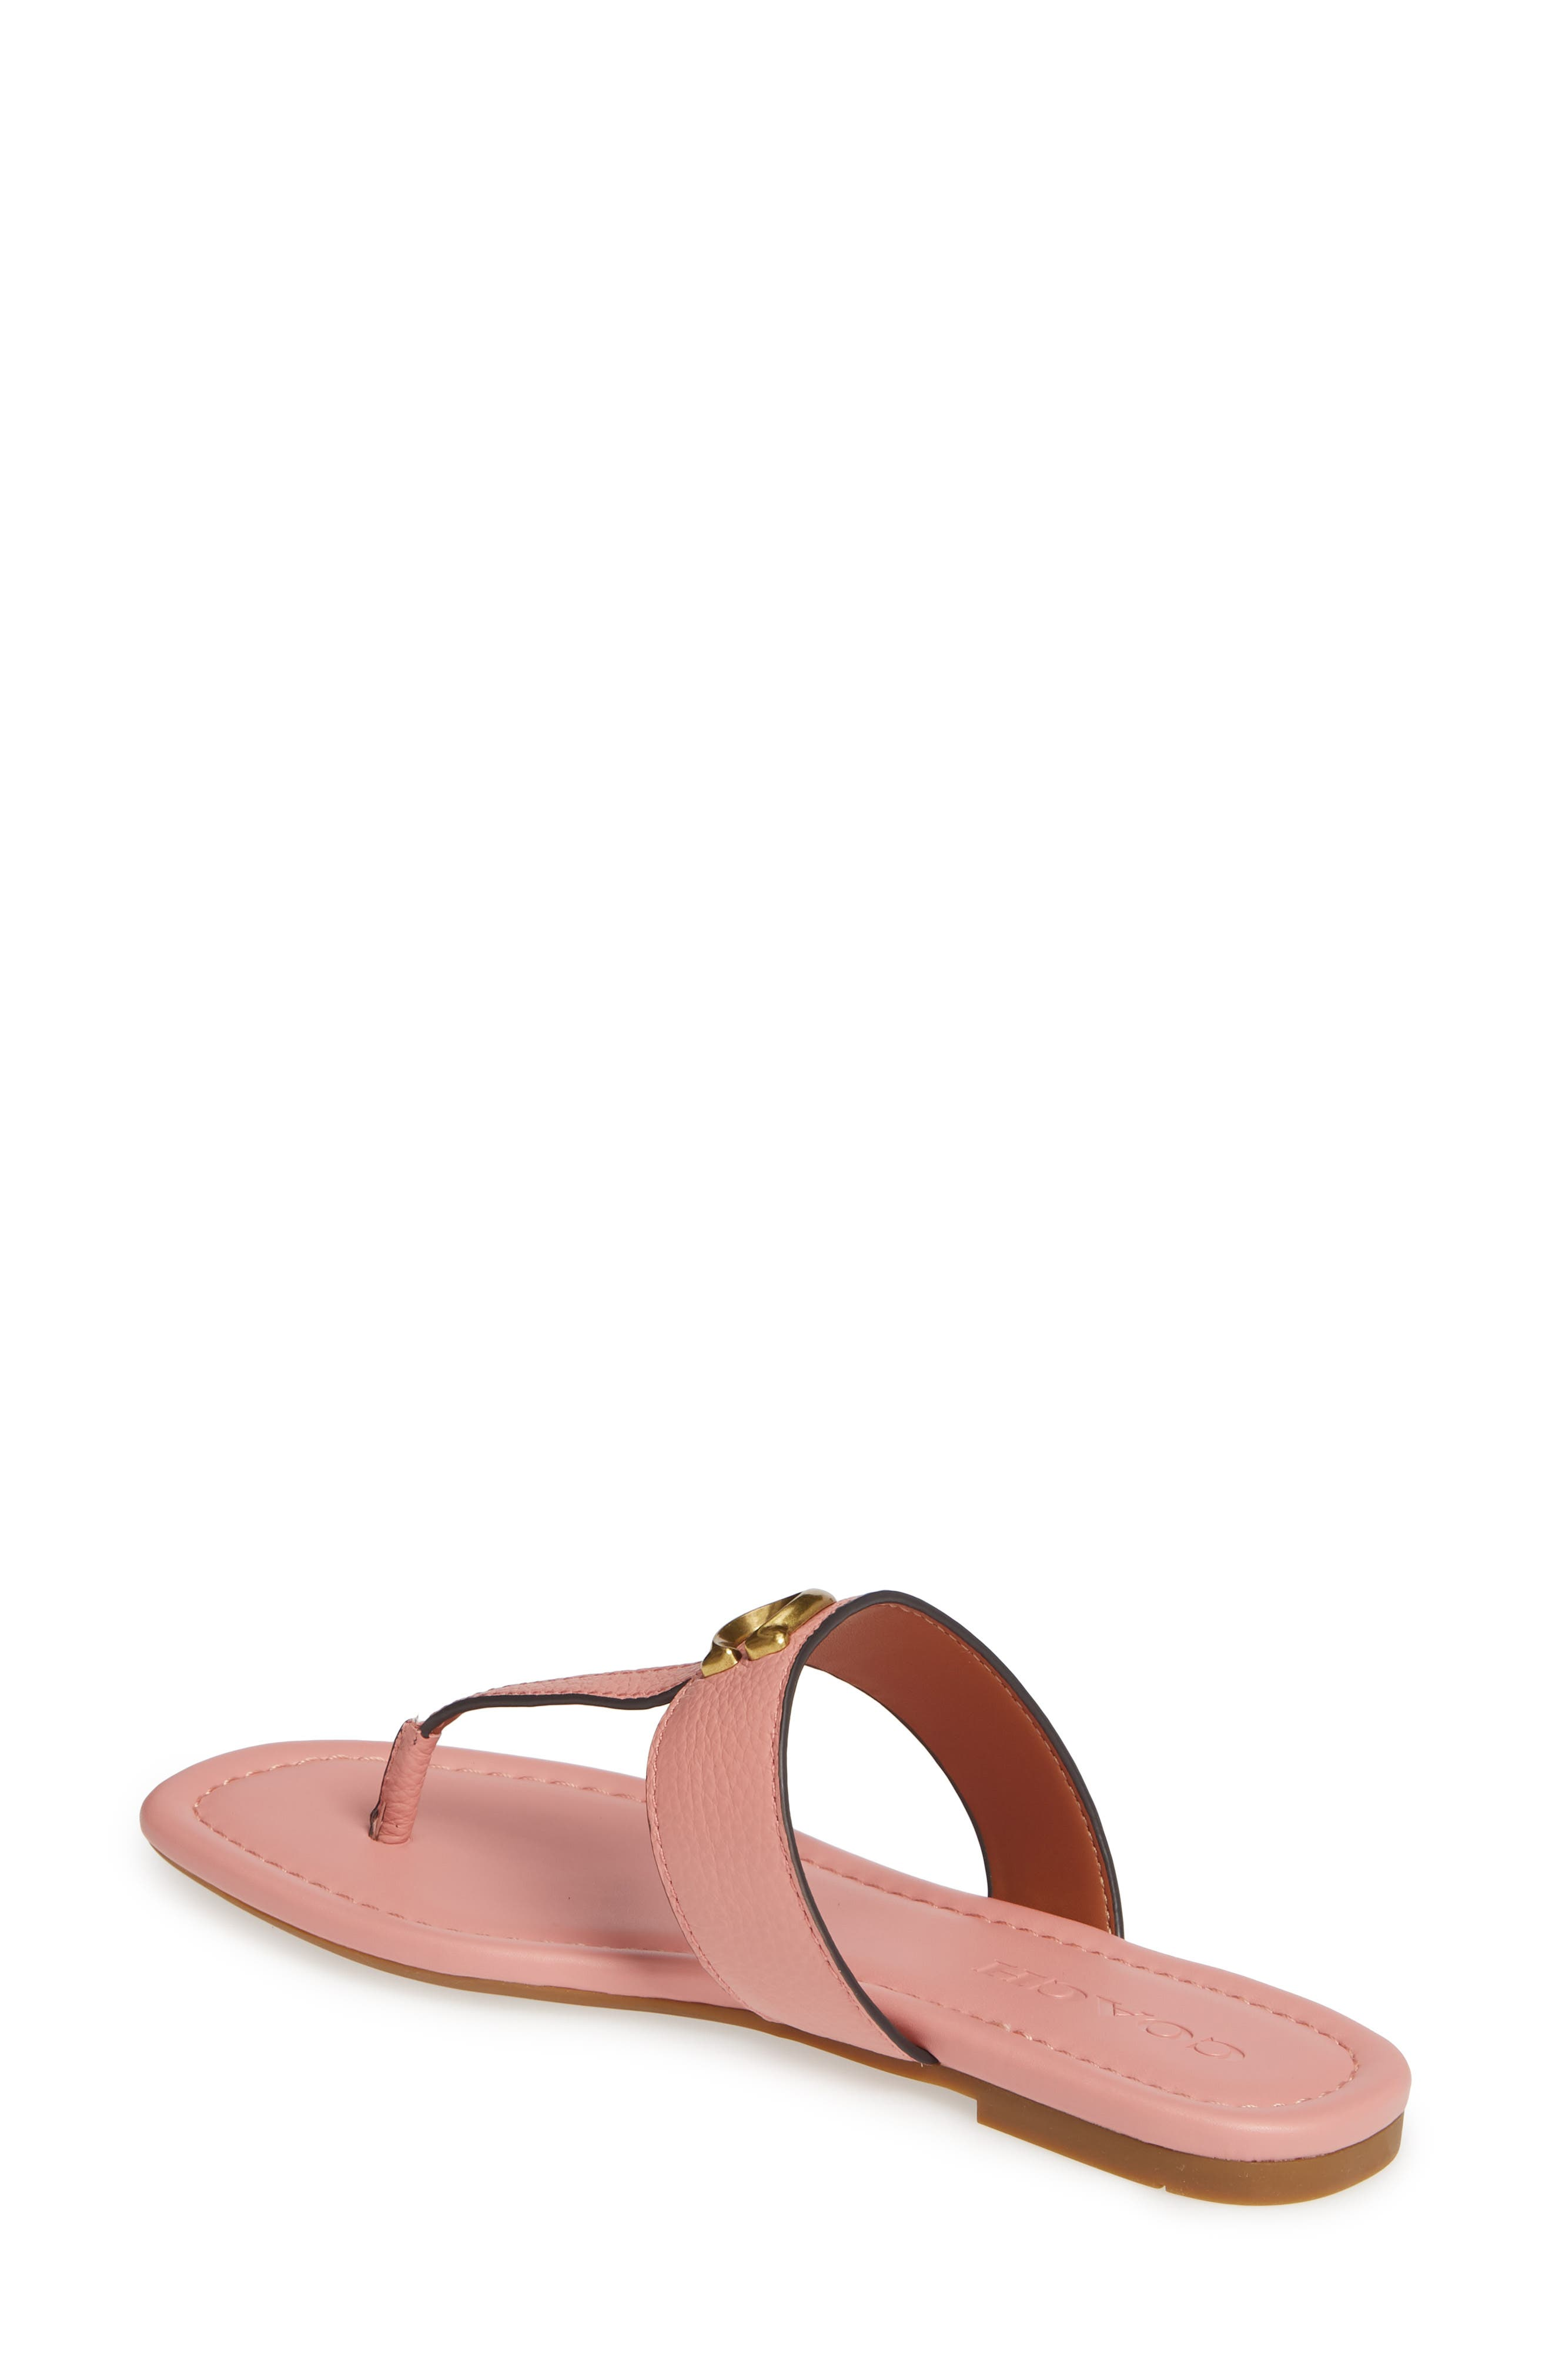 2fc1c0116bd9 Women s COACH Flat Heeled Sandals